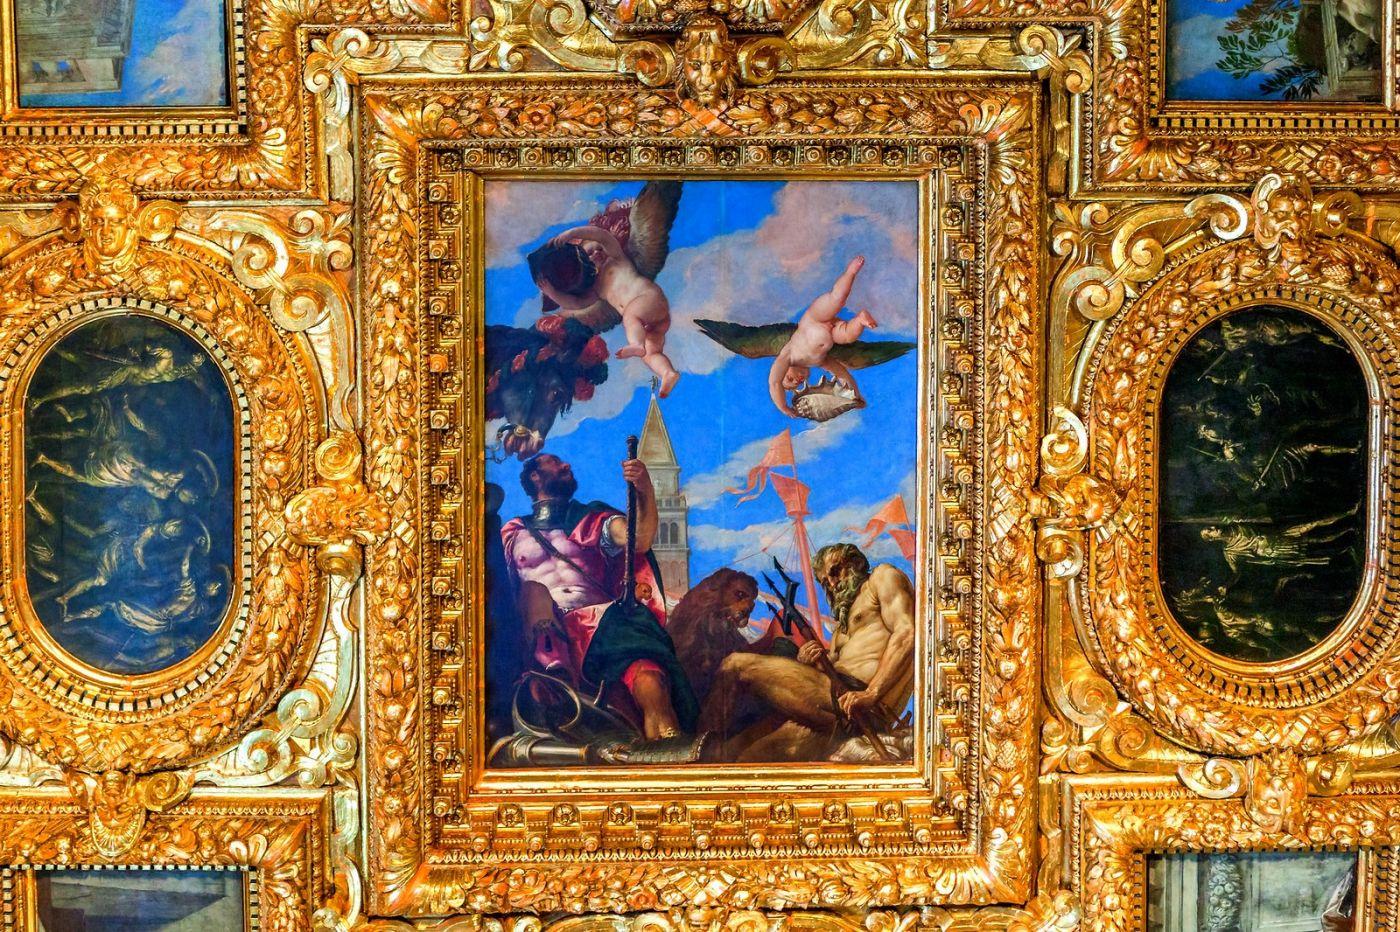 威尼斯圣马可大教堂(St Mark's Basilica), 精雕细琢的顶设_图1-24